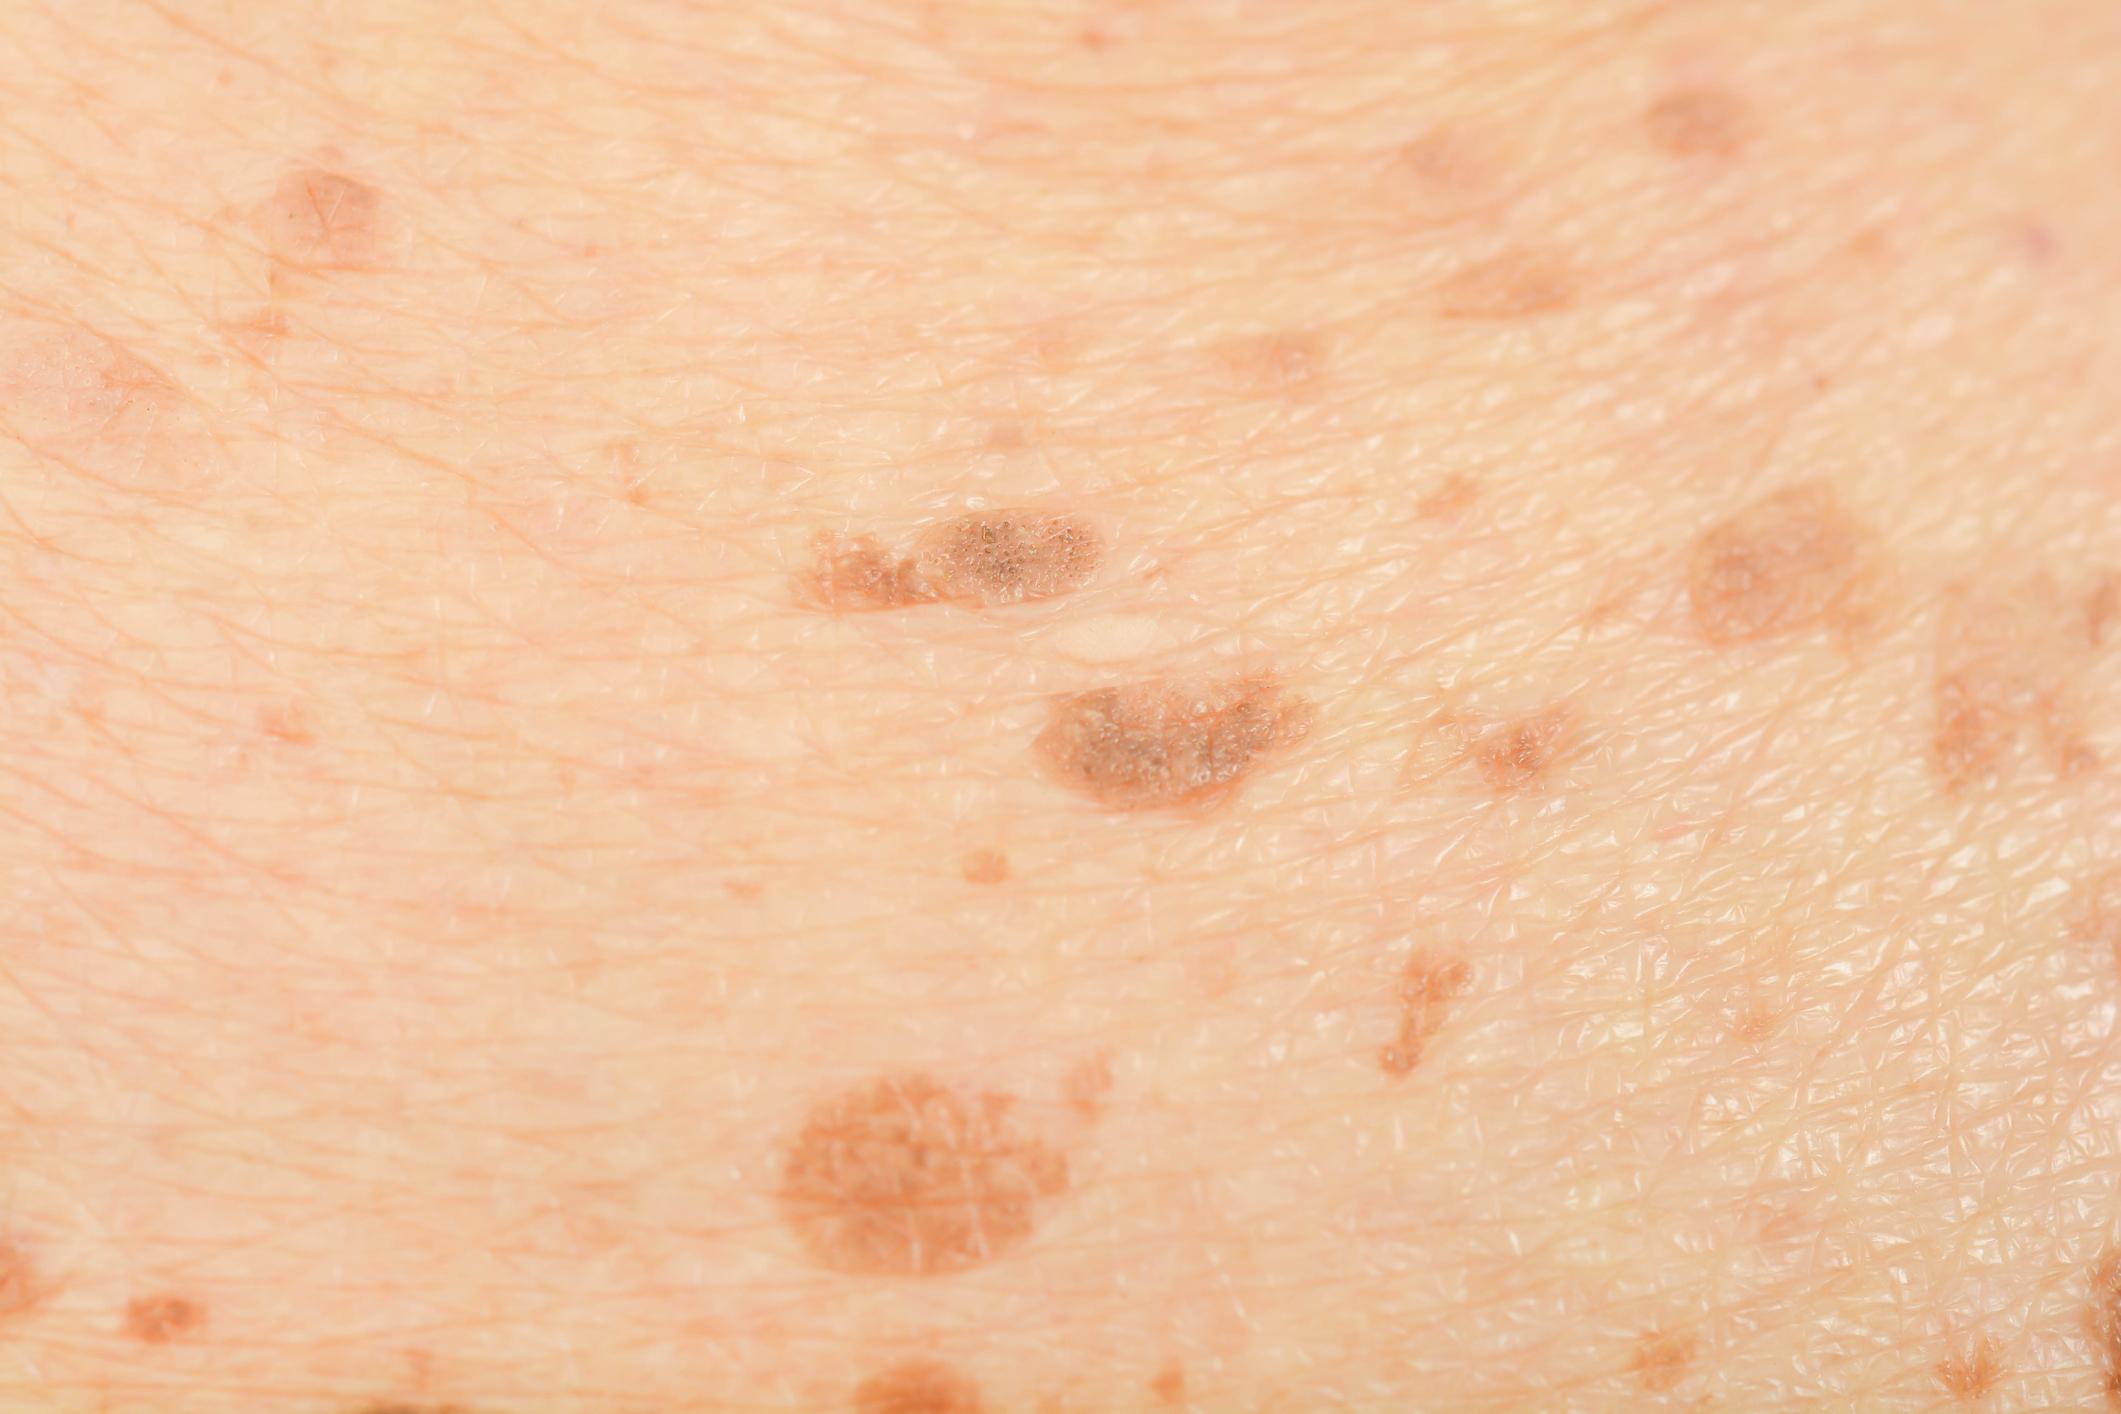 Tipos de manchas de pele - melasma